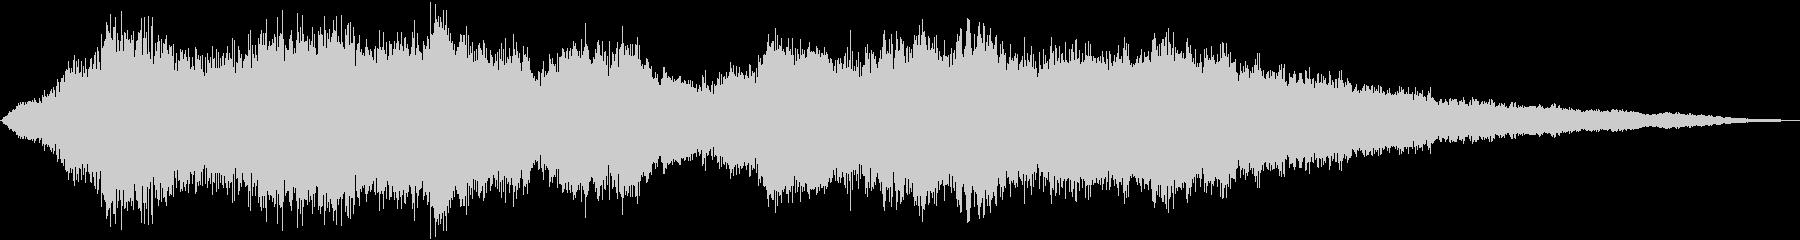 静かな始まりを連想するストリングス曲の未再生の波形